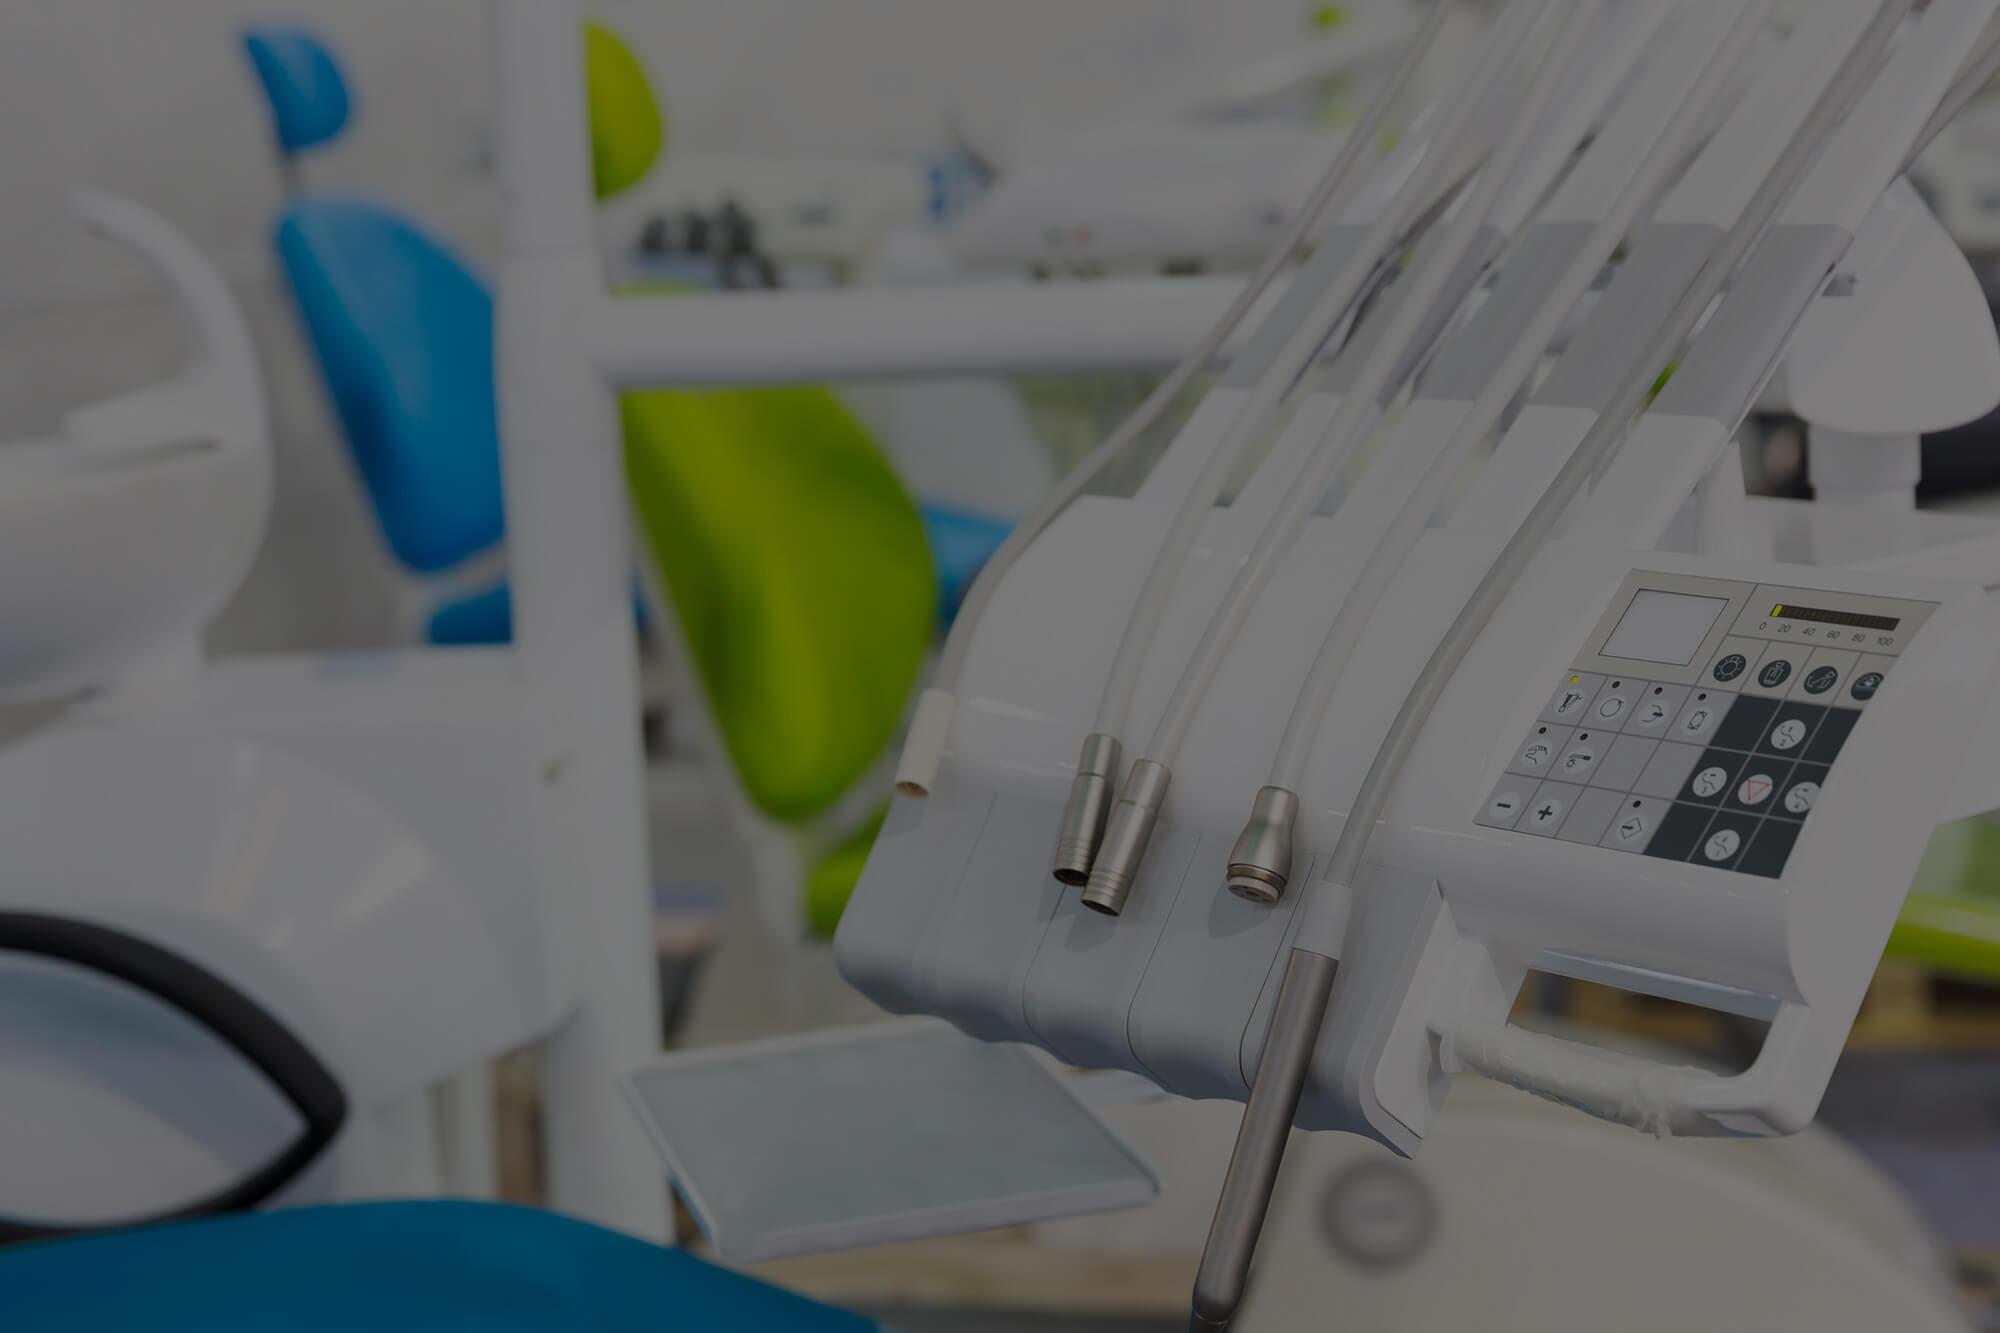 Курс секретарь стоматолога, Курс помощник стоматолога, обучение, курсы в Израиле